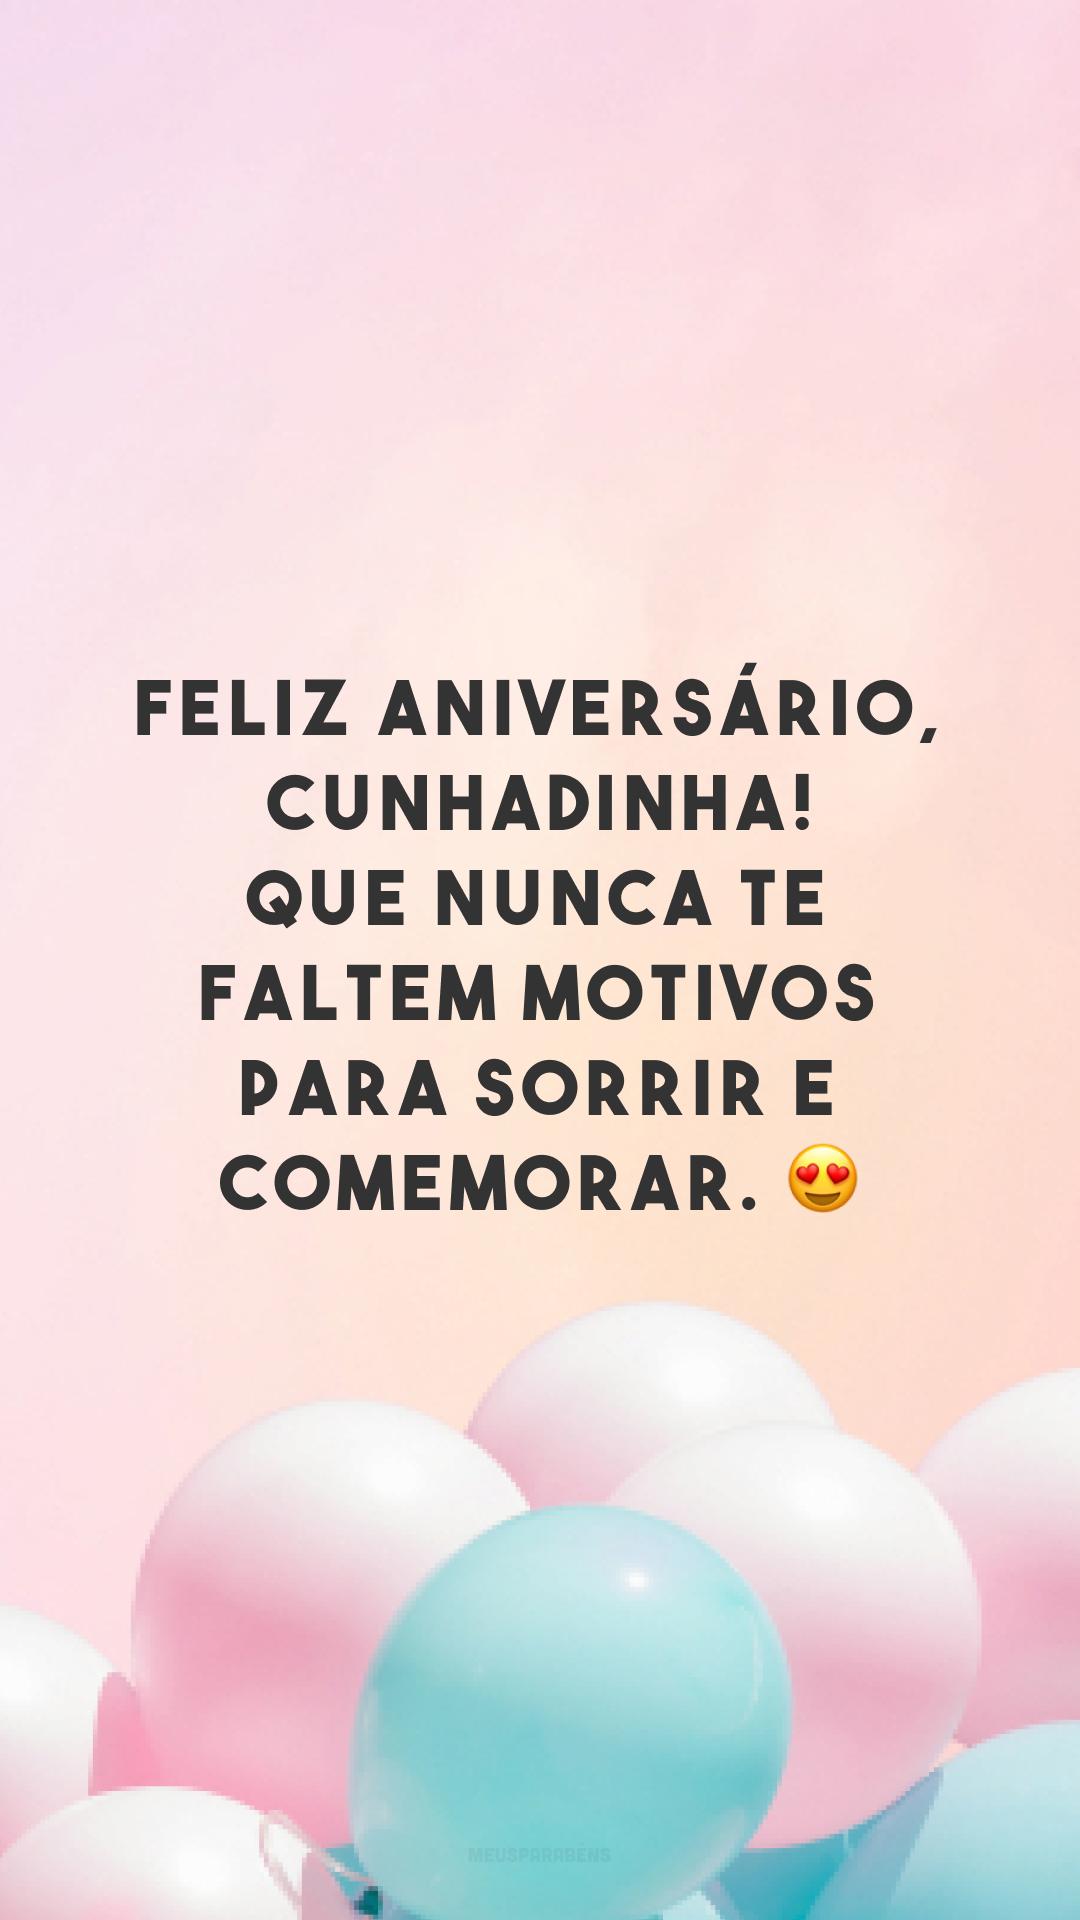 Feliz aniversário, cunhadinha! Que nunca te faltem motivos para sorrir e comemorar. 😍